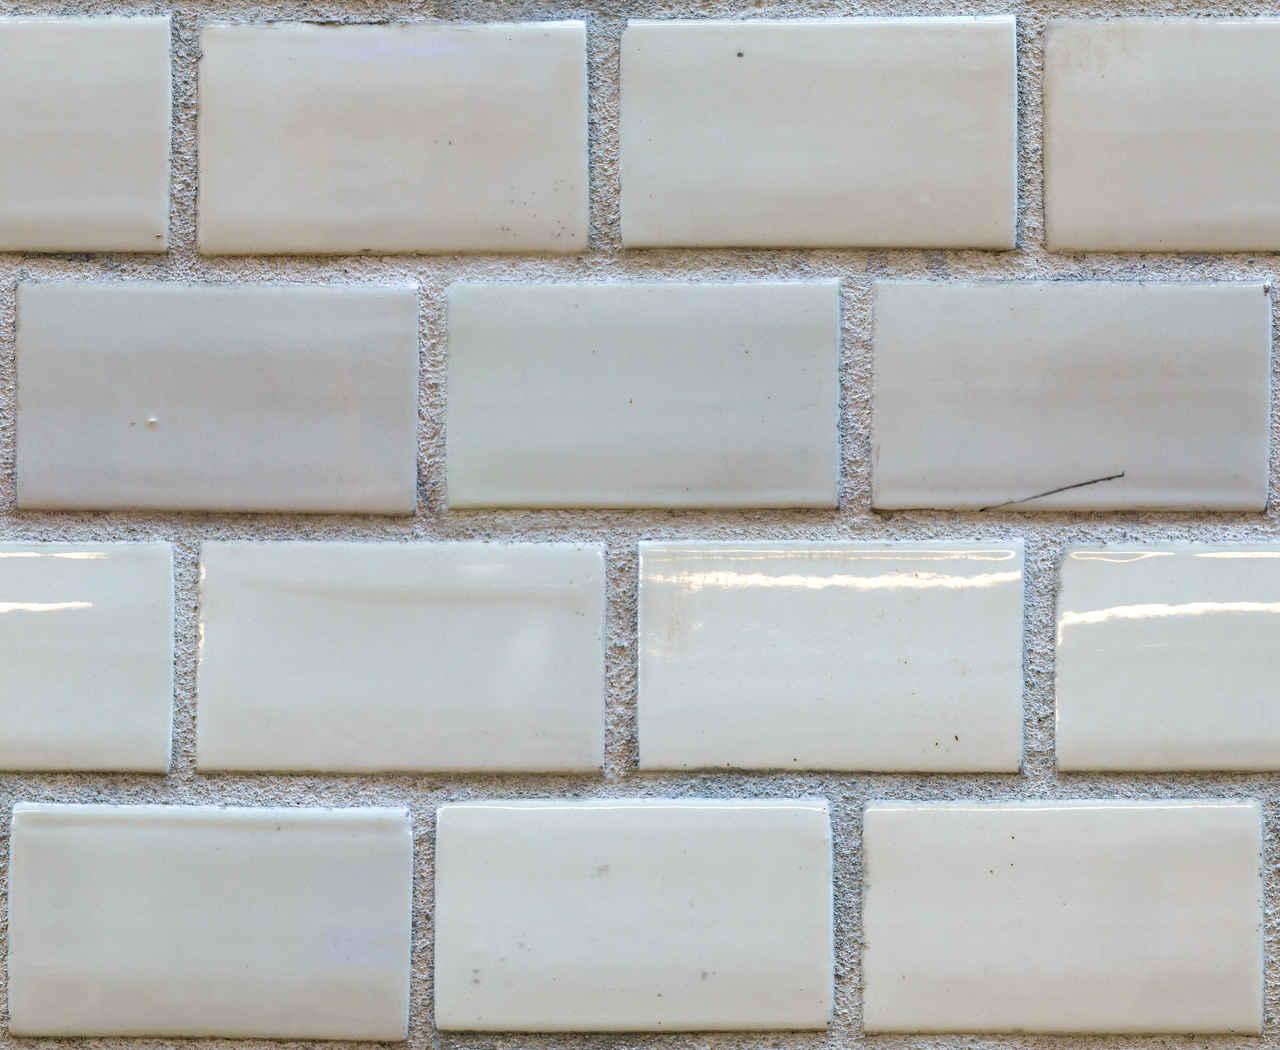 White Ceramic Tiles Seamless Of Course